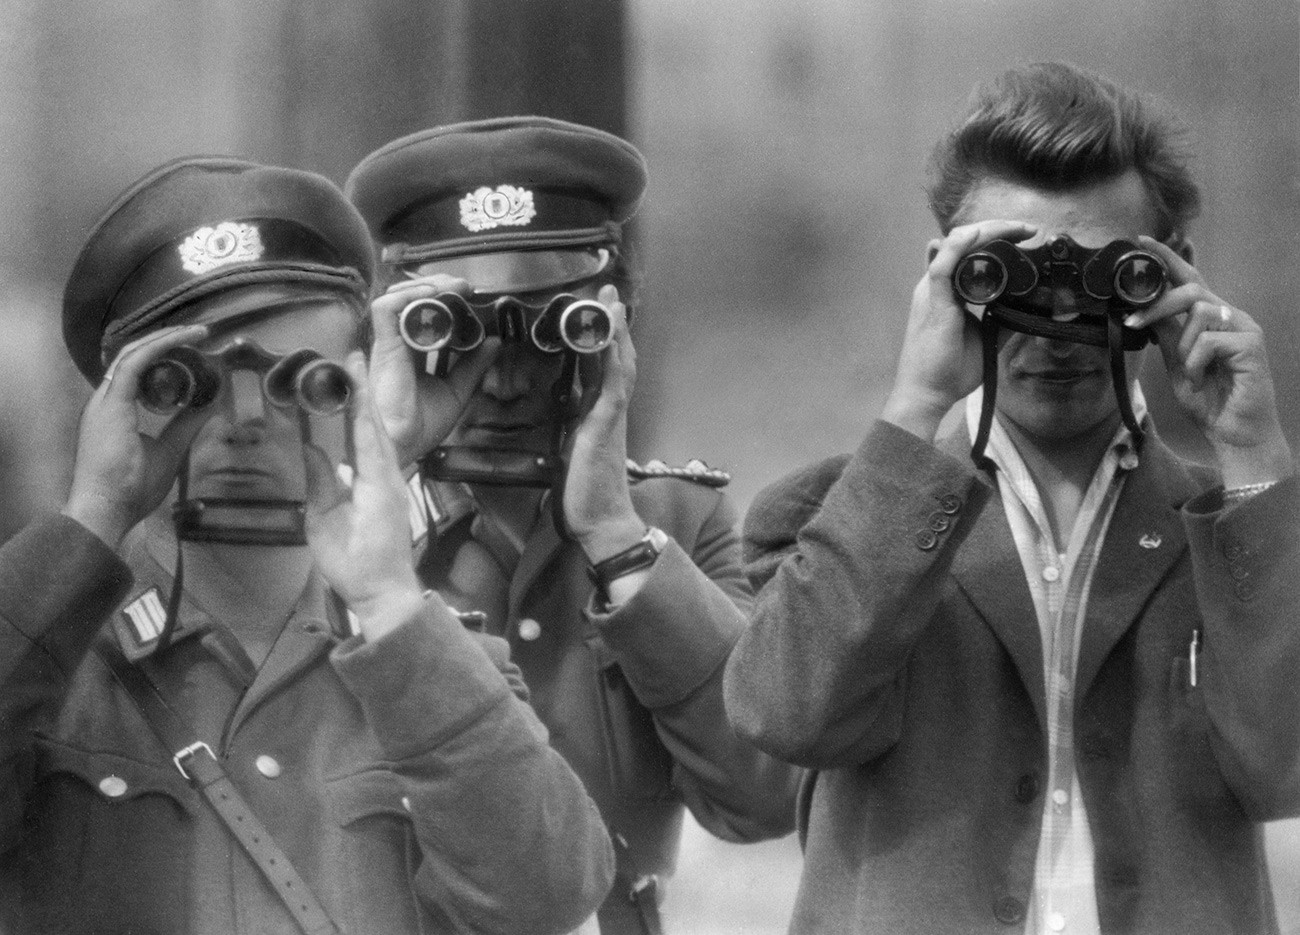 Два источнонемачка полицајца и цивил посматрају двогледом Западни Берлин за време изградње Берлинског зида.